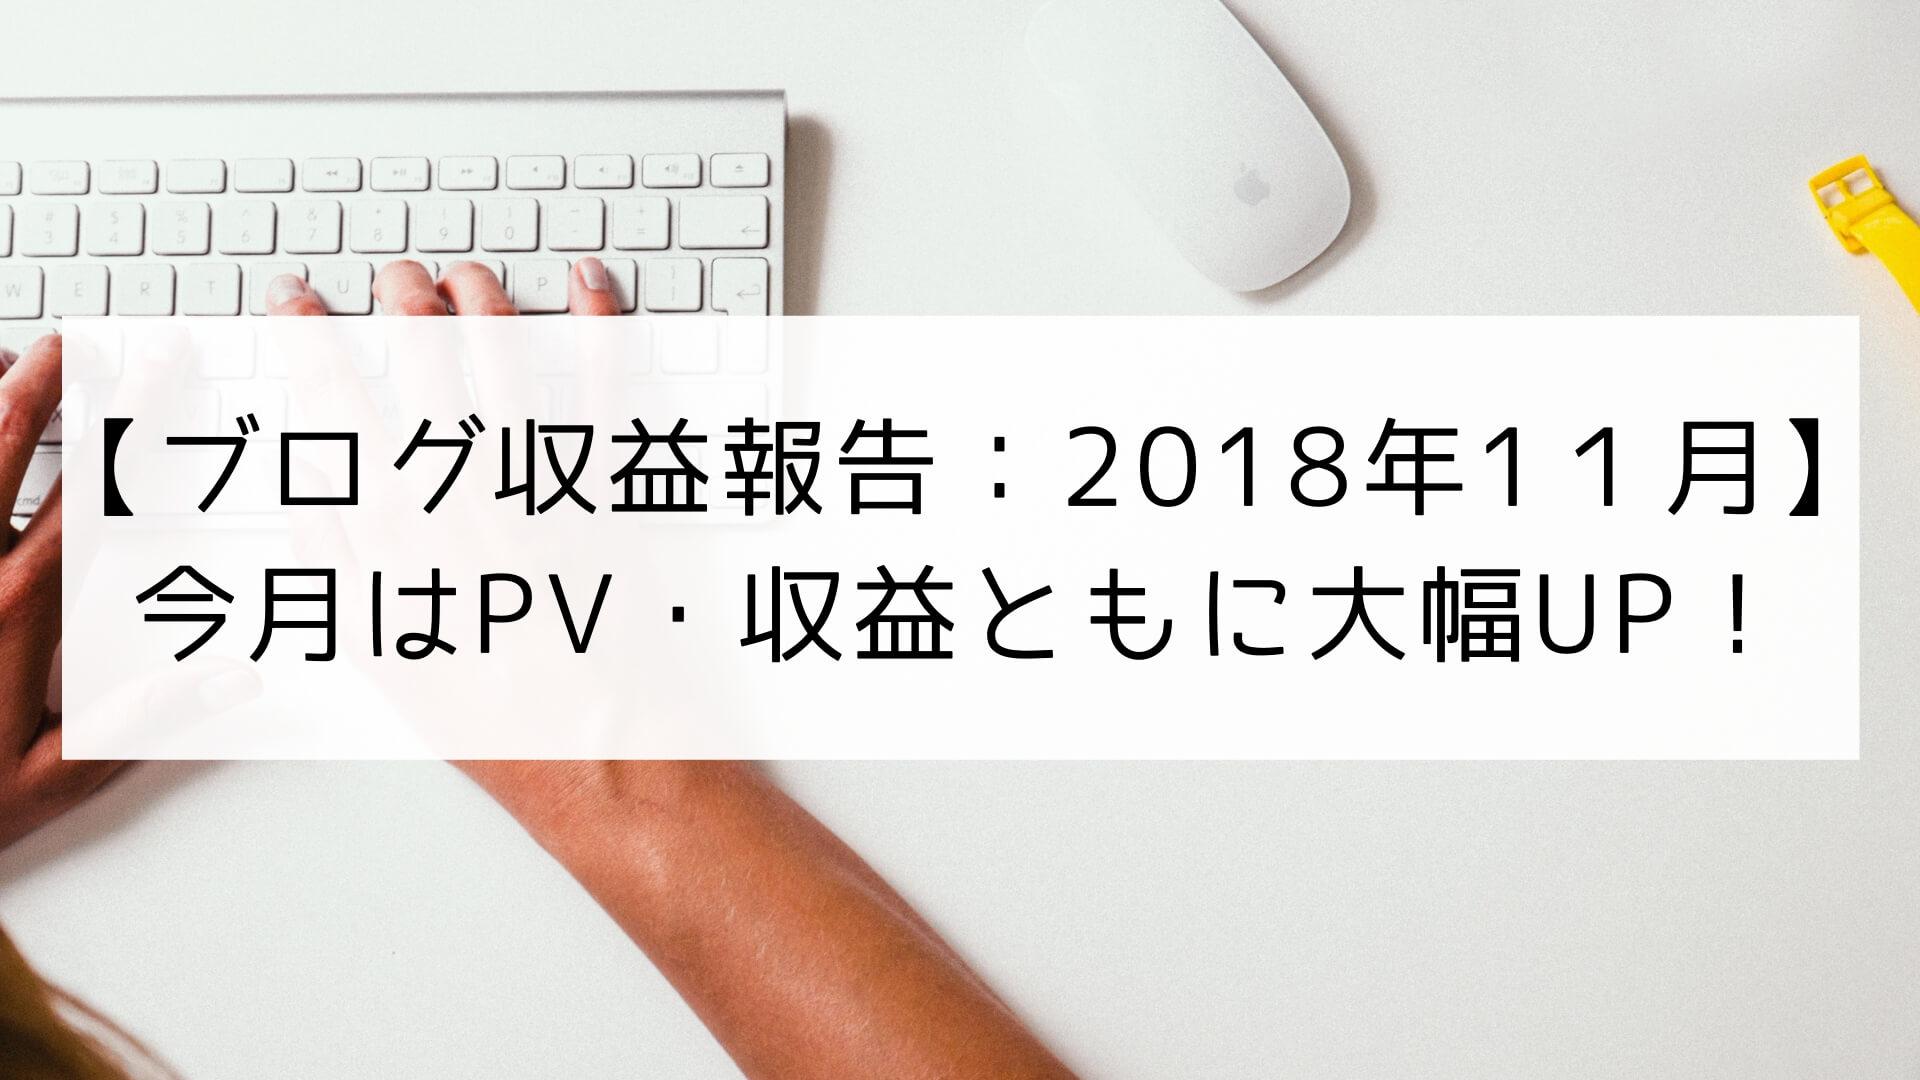 【ブログ(副業)収益報告】2018年11月はPV・収益ともに大幅UP!